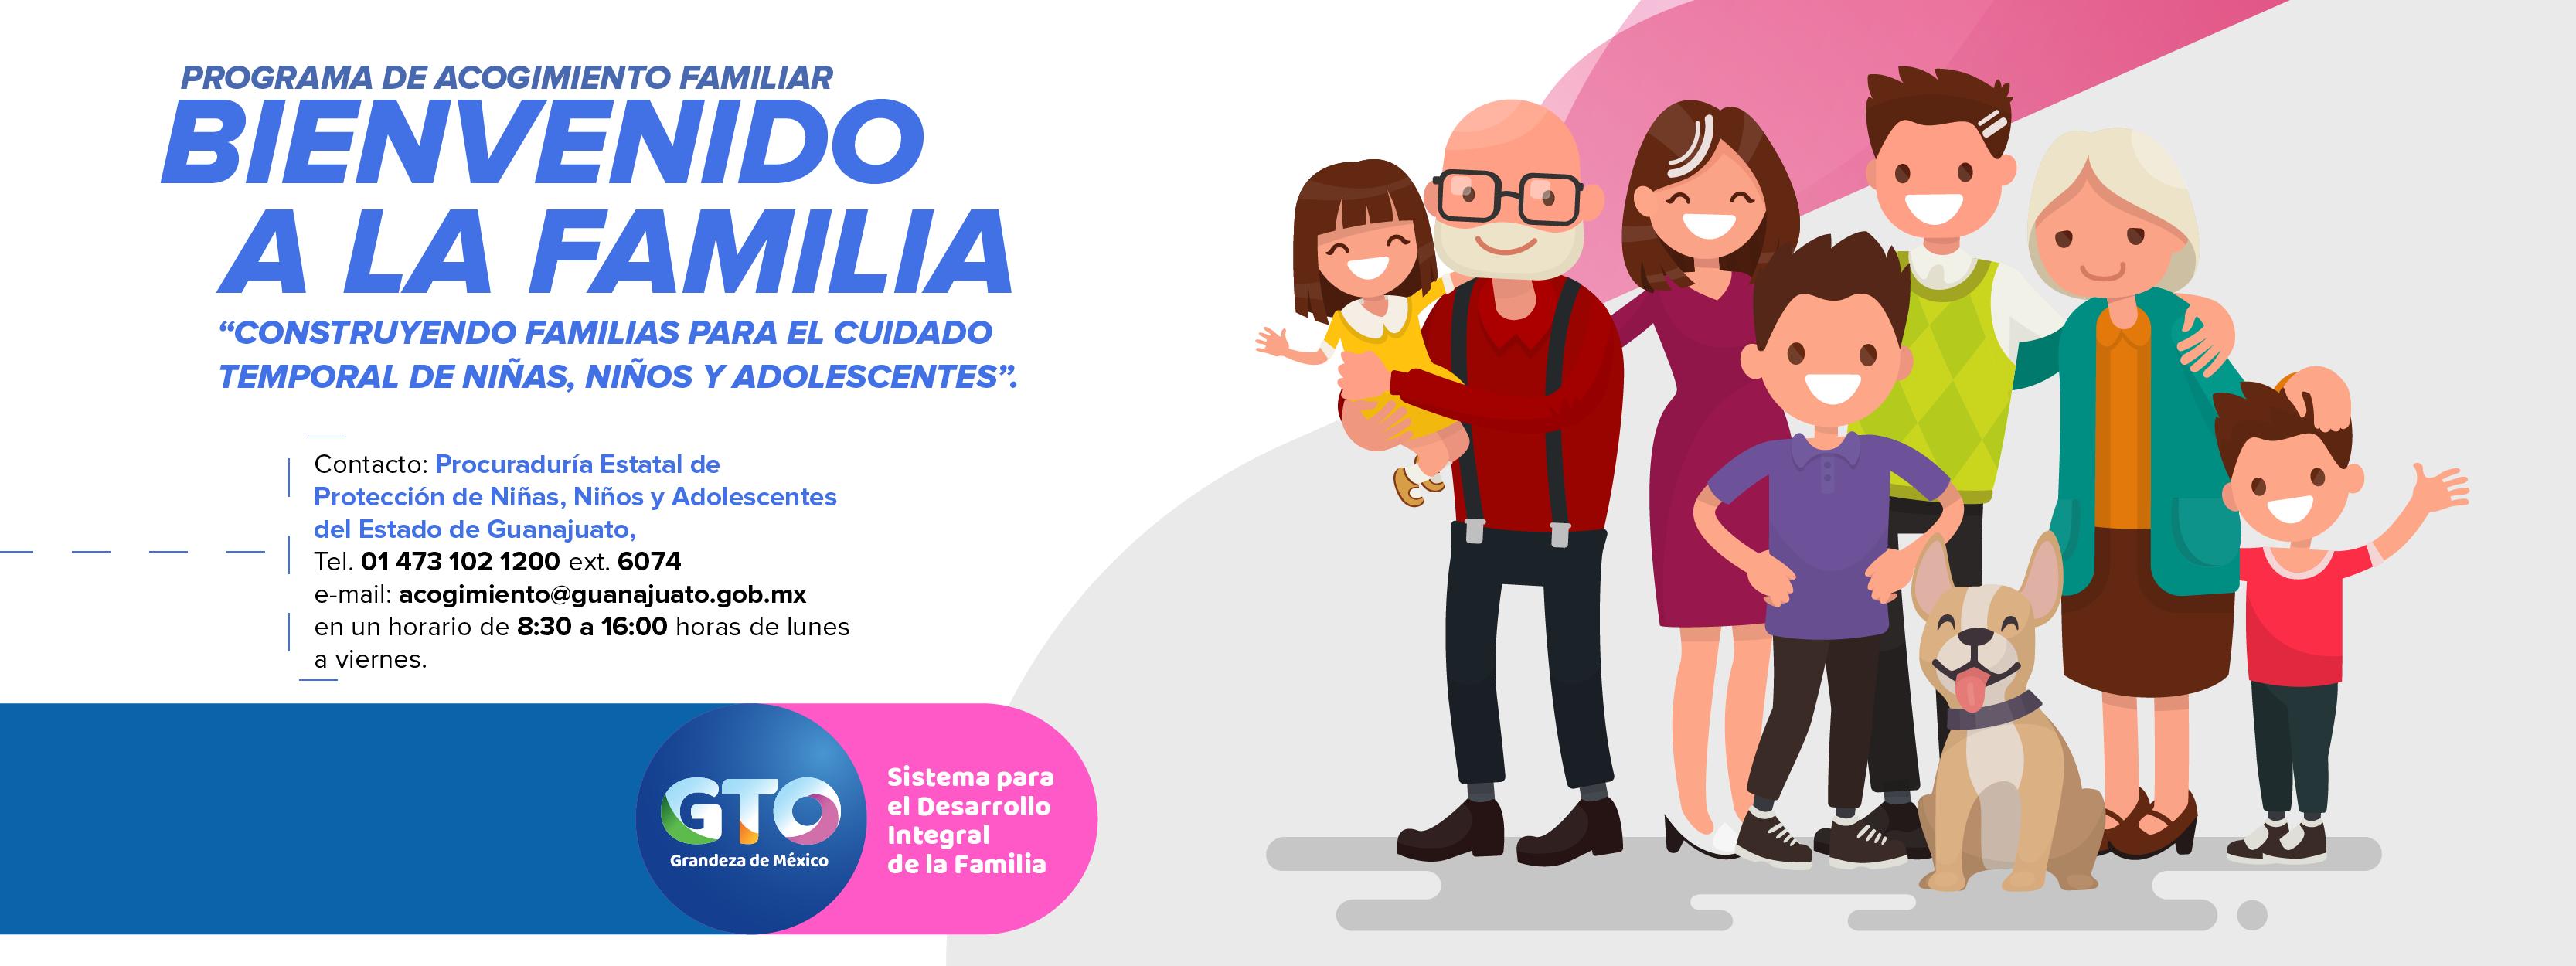 BUSCAN FAMILIAS INTERESADAS EN OFRECER UN HOGAR TEMPORAL A MENORES QUE ESPERAN REINTEGRACIÓN FAMILIAR.